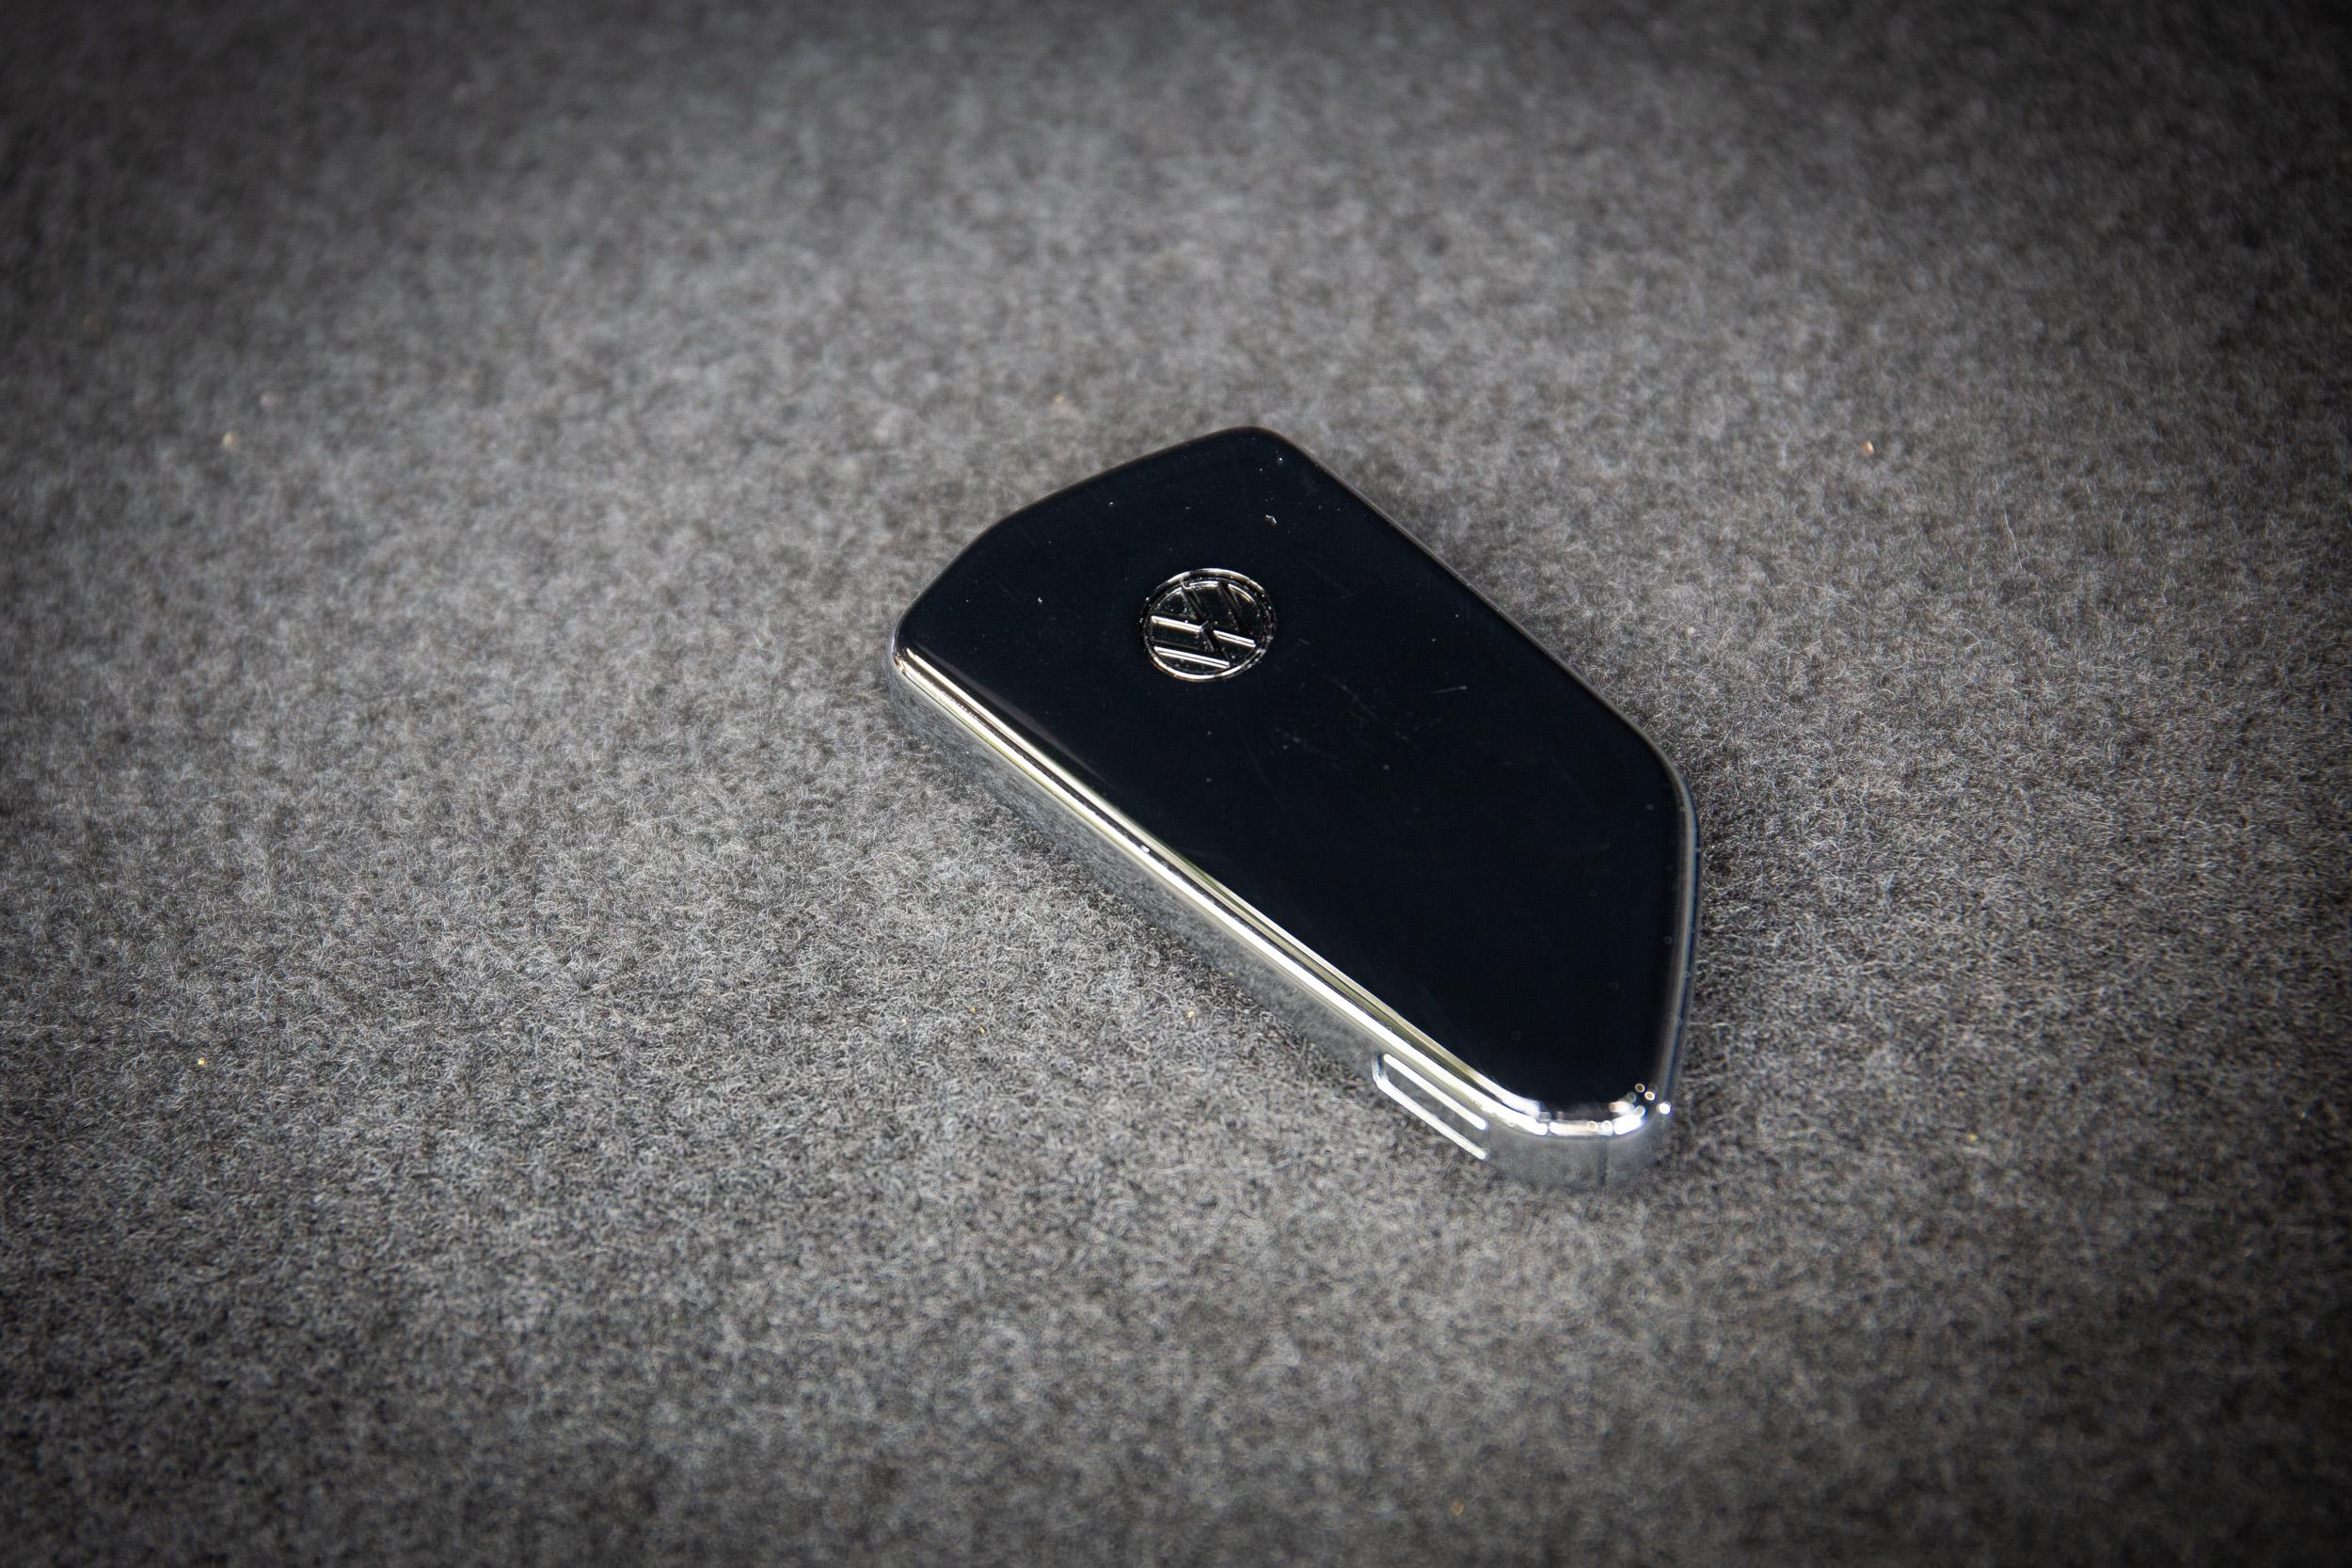 相當有質感的車鑰匙也是平面式設計,取消傳統按鍵。